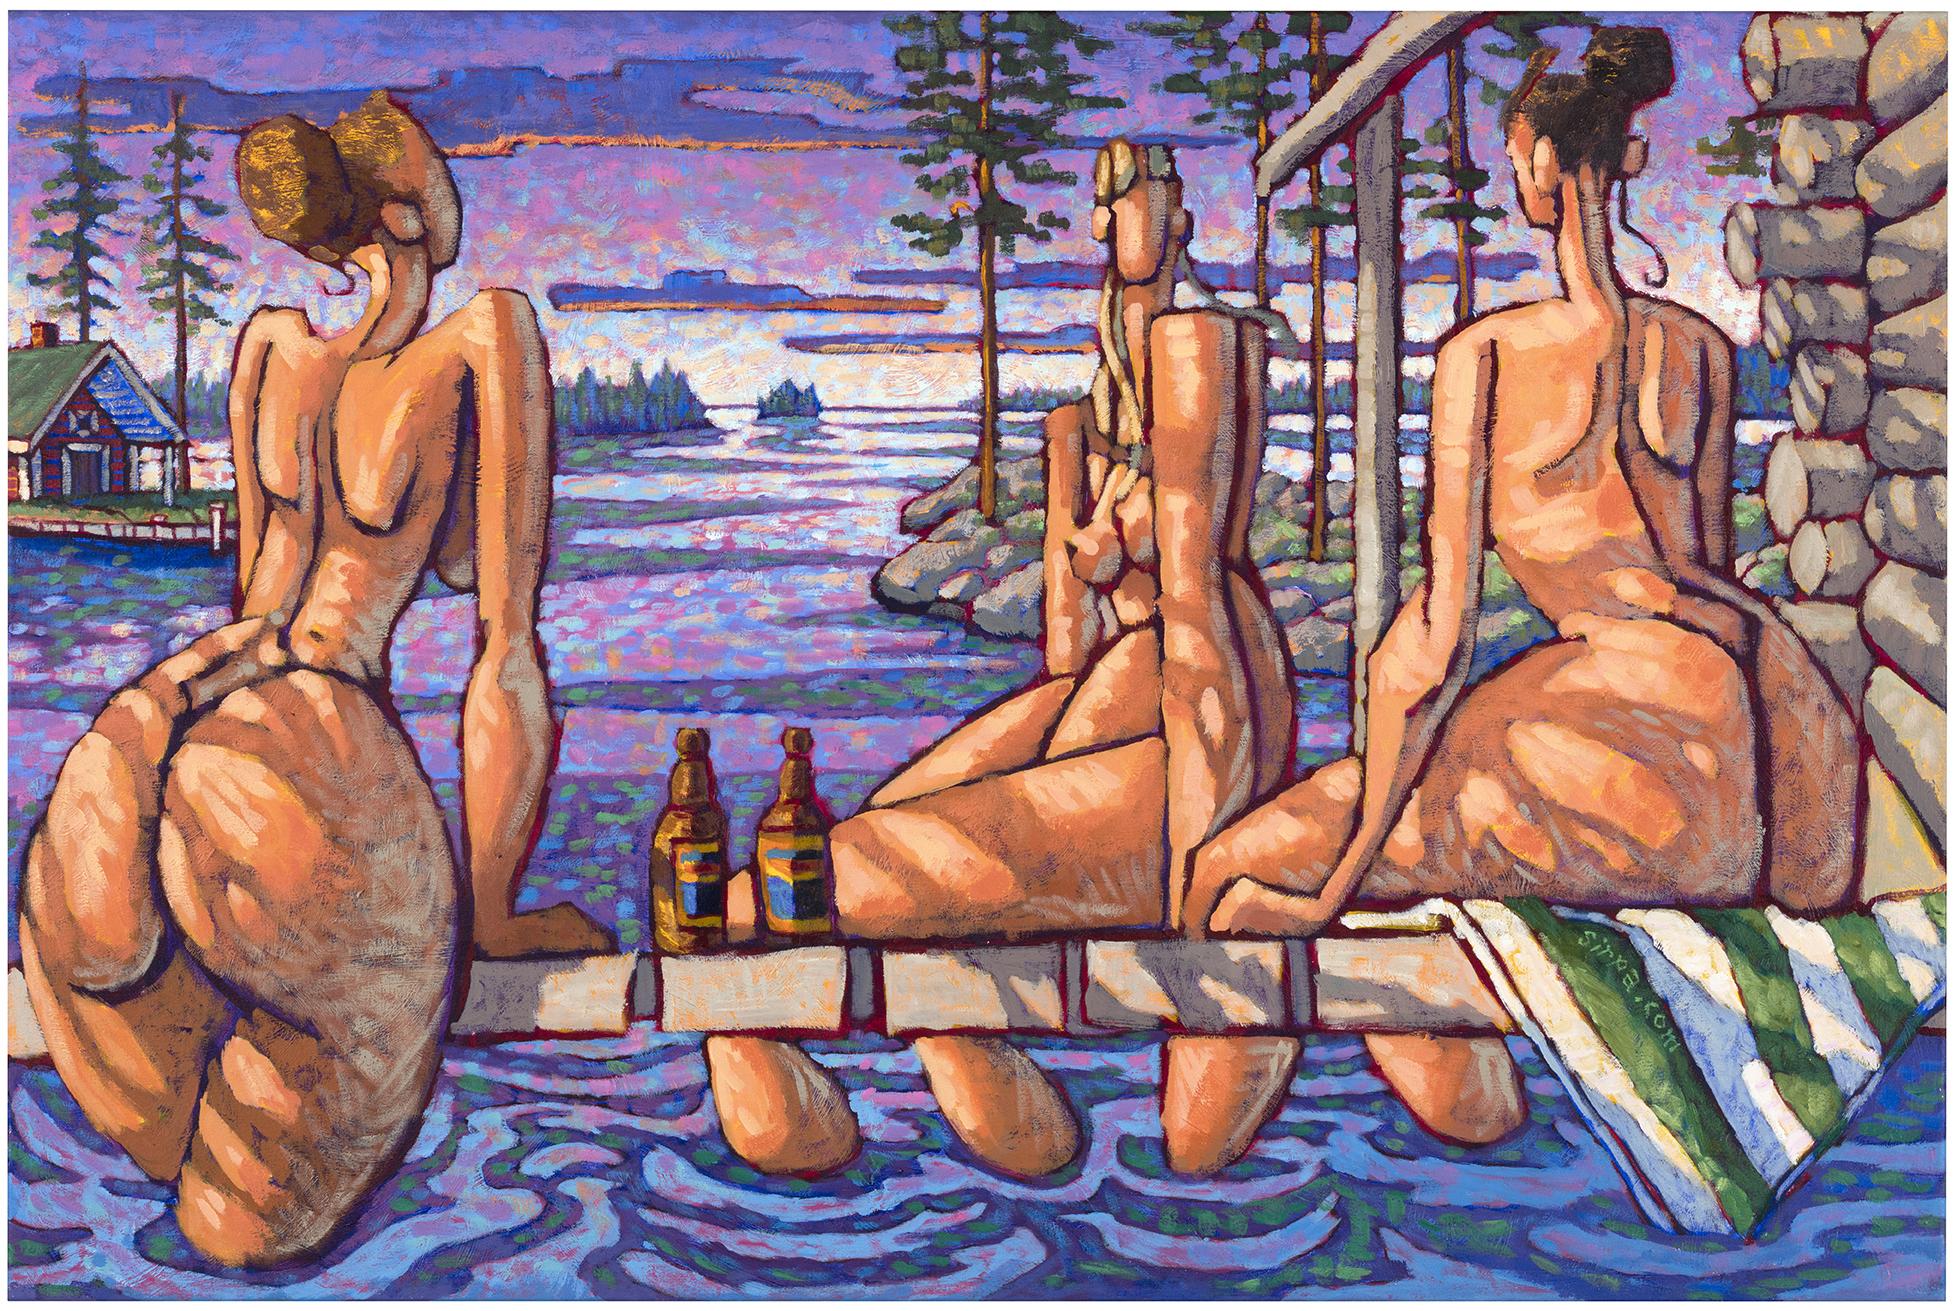 Sirpa Alalääkkölän teos Saunailta vie juhannusillan tunnelmaan. Sirpa Alalääkkölä: Saunailta, 2002, akryyli kankaalle. Kuva © Jussi Tiainen / Heino Art Foundation